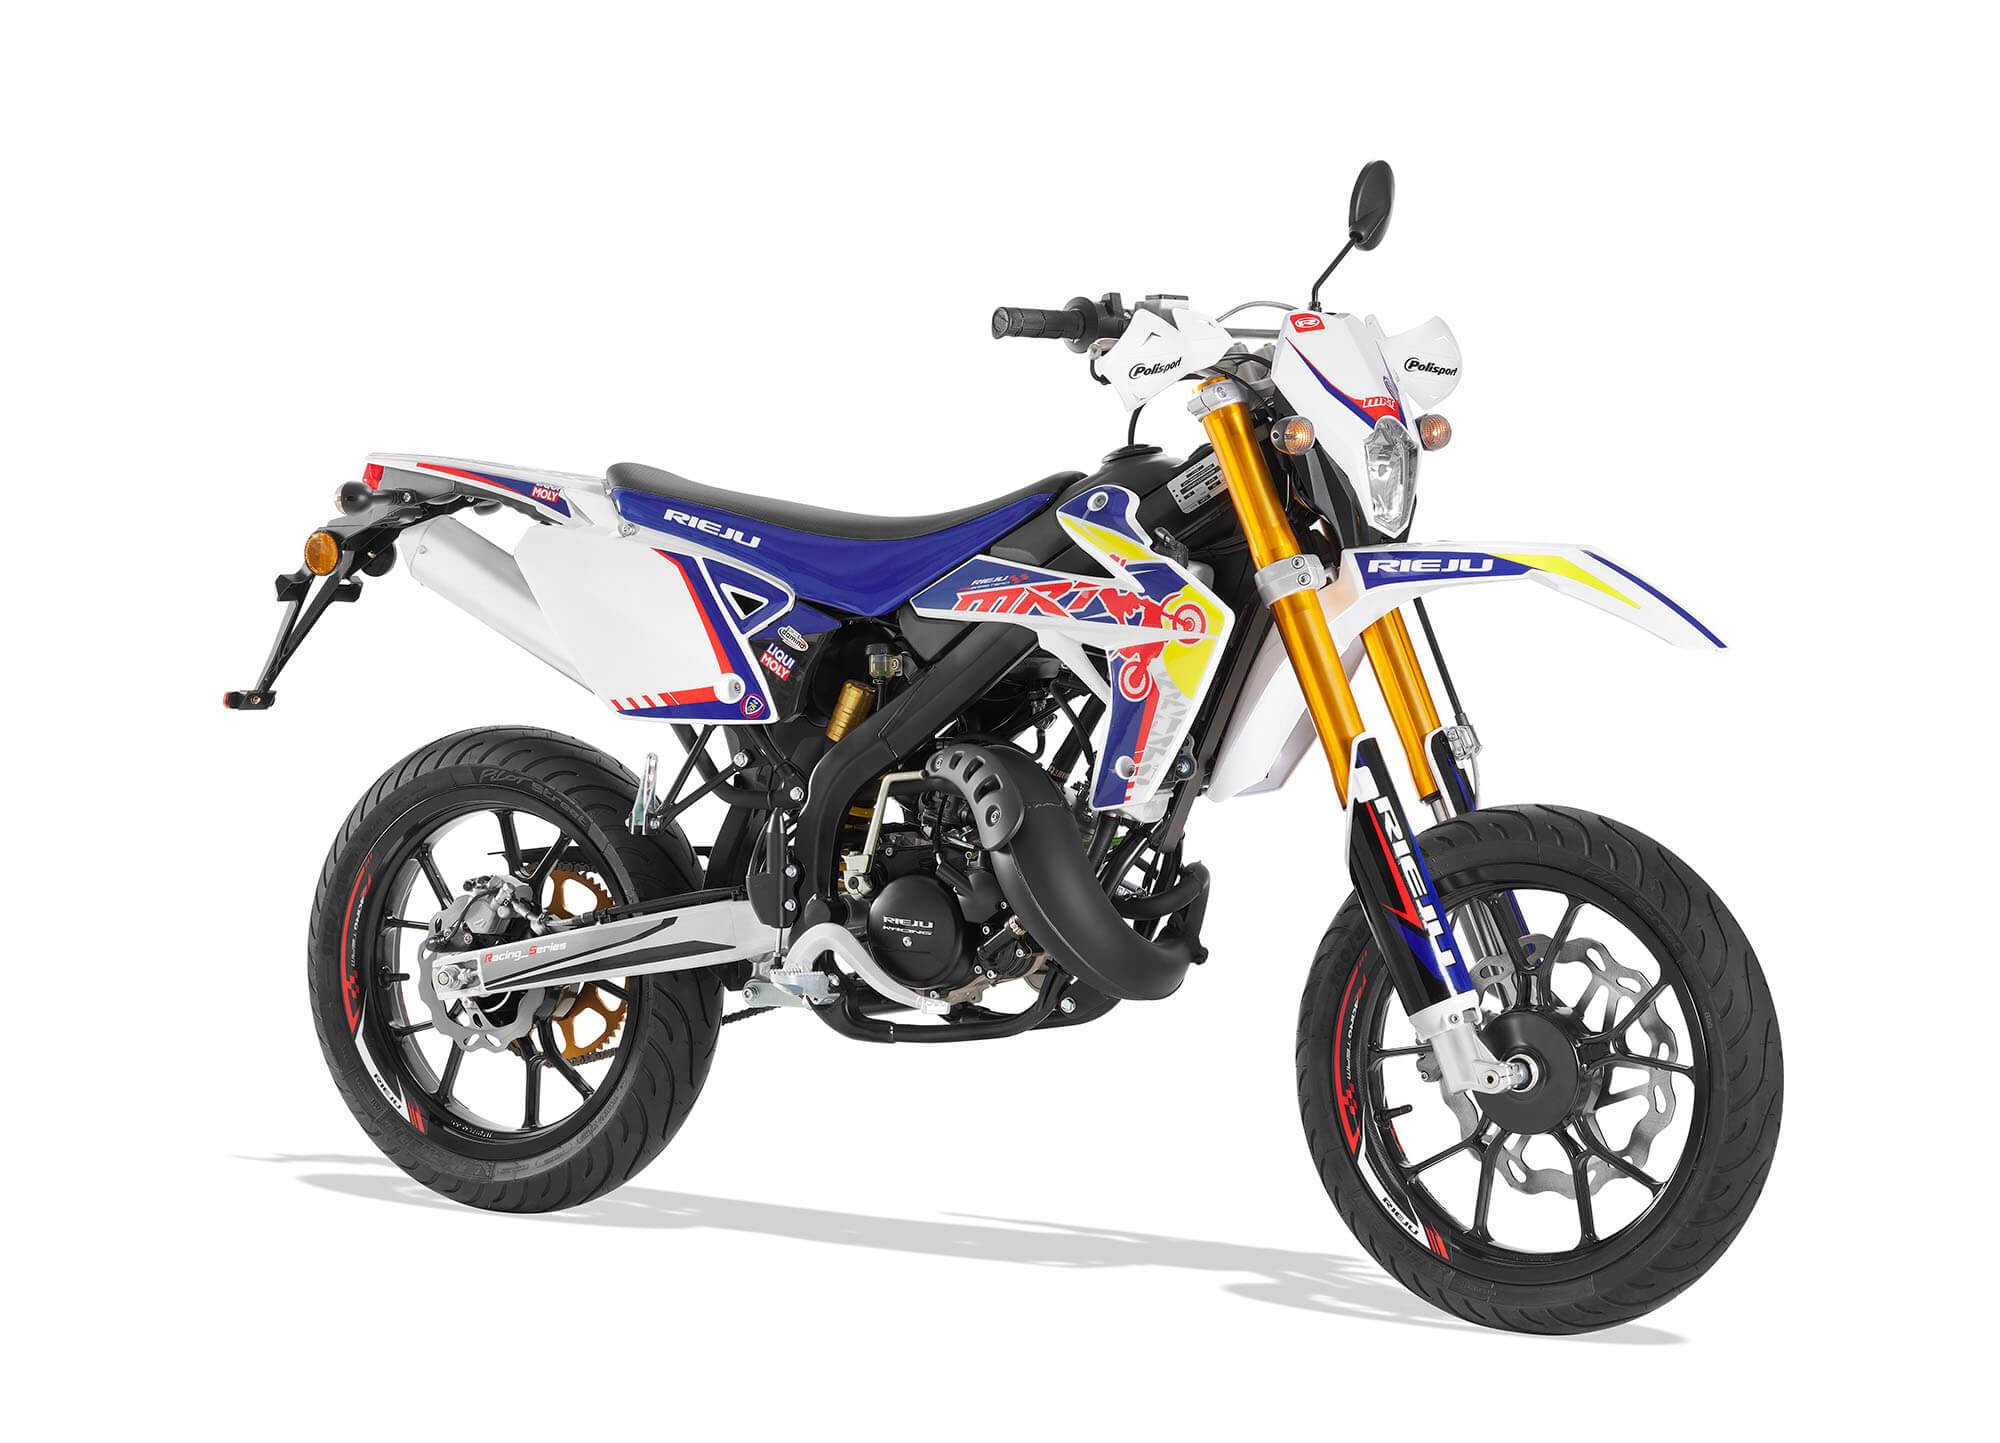 comprar-motos-rieju-mrt-pro-supermotard-50-azul-motissimo-barcelona